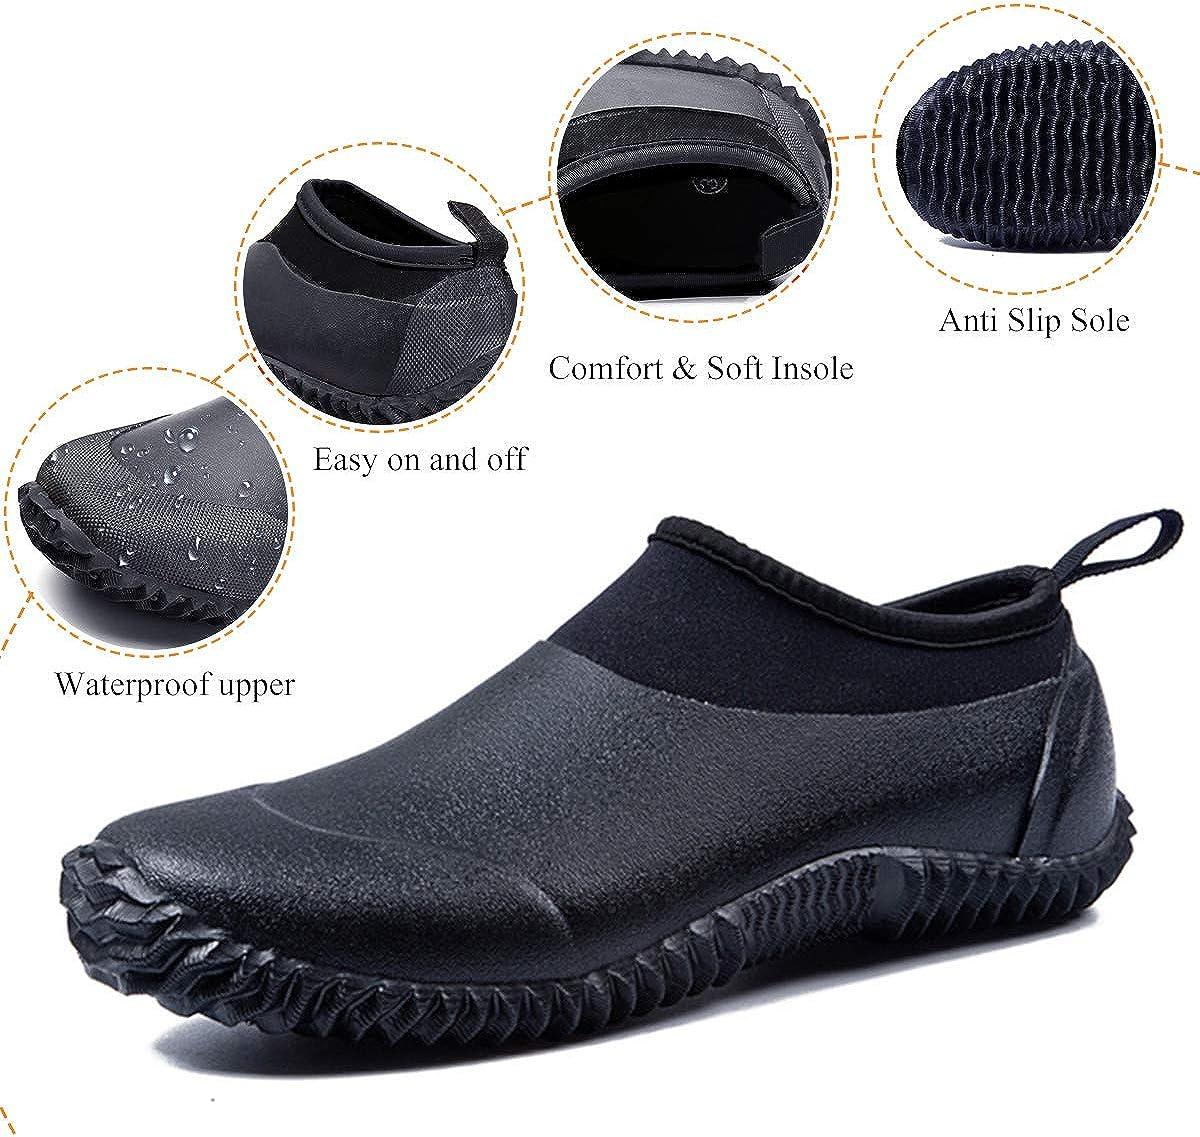 Bottines de Pluie Imperm/éable en Caoutchouc SabotsCuisine Chaussons de Sport Piscine Plage Semelle Antiderapant pour /Ét/é Gracosy Chaussures de Jardinage pour Hommes Femmes